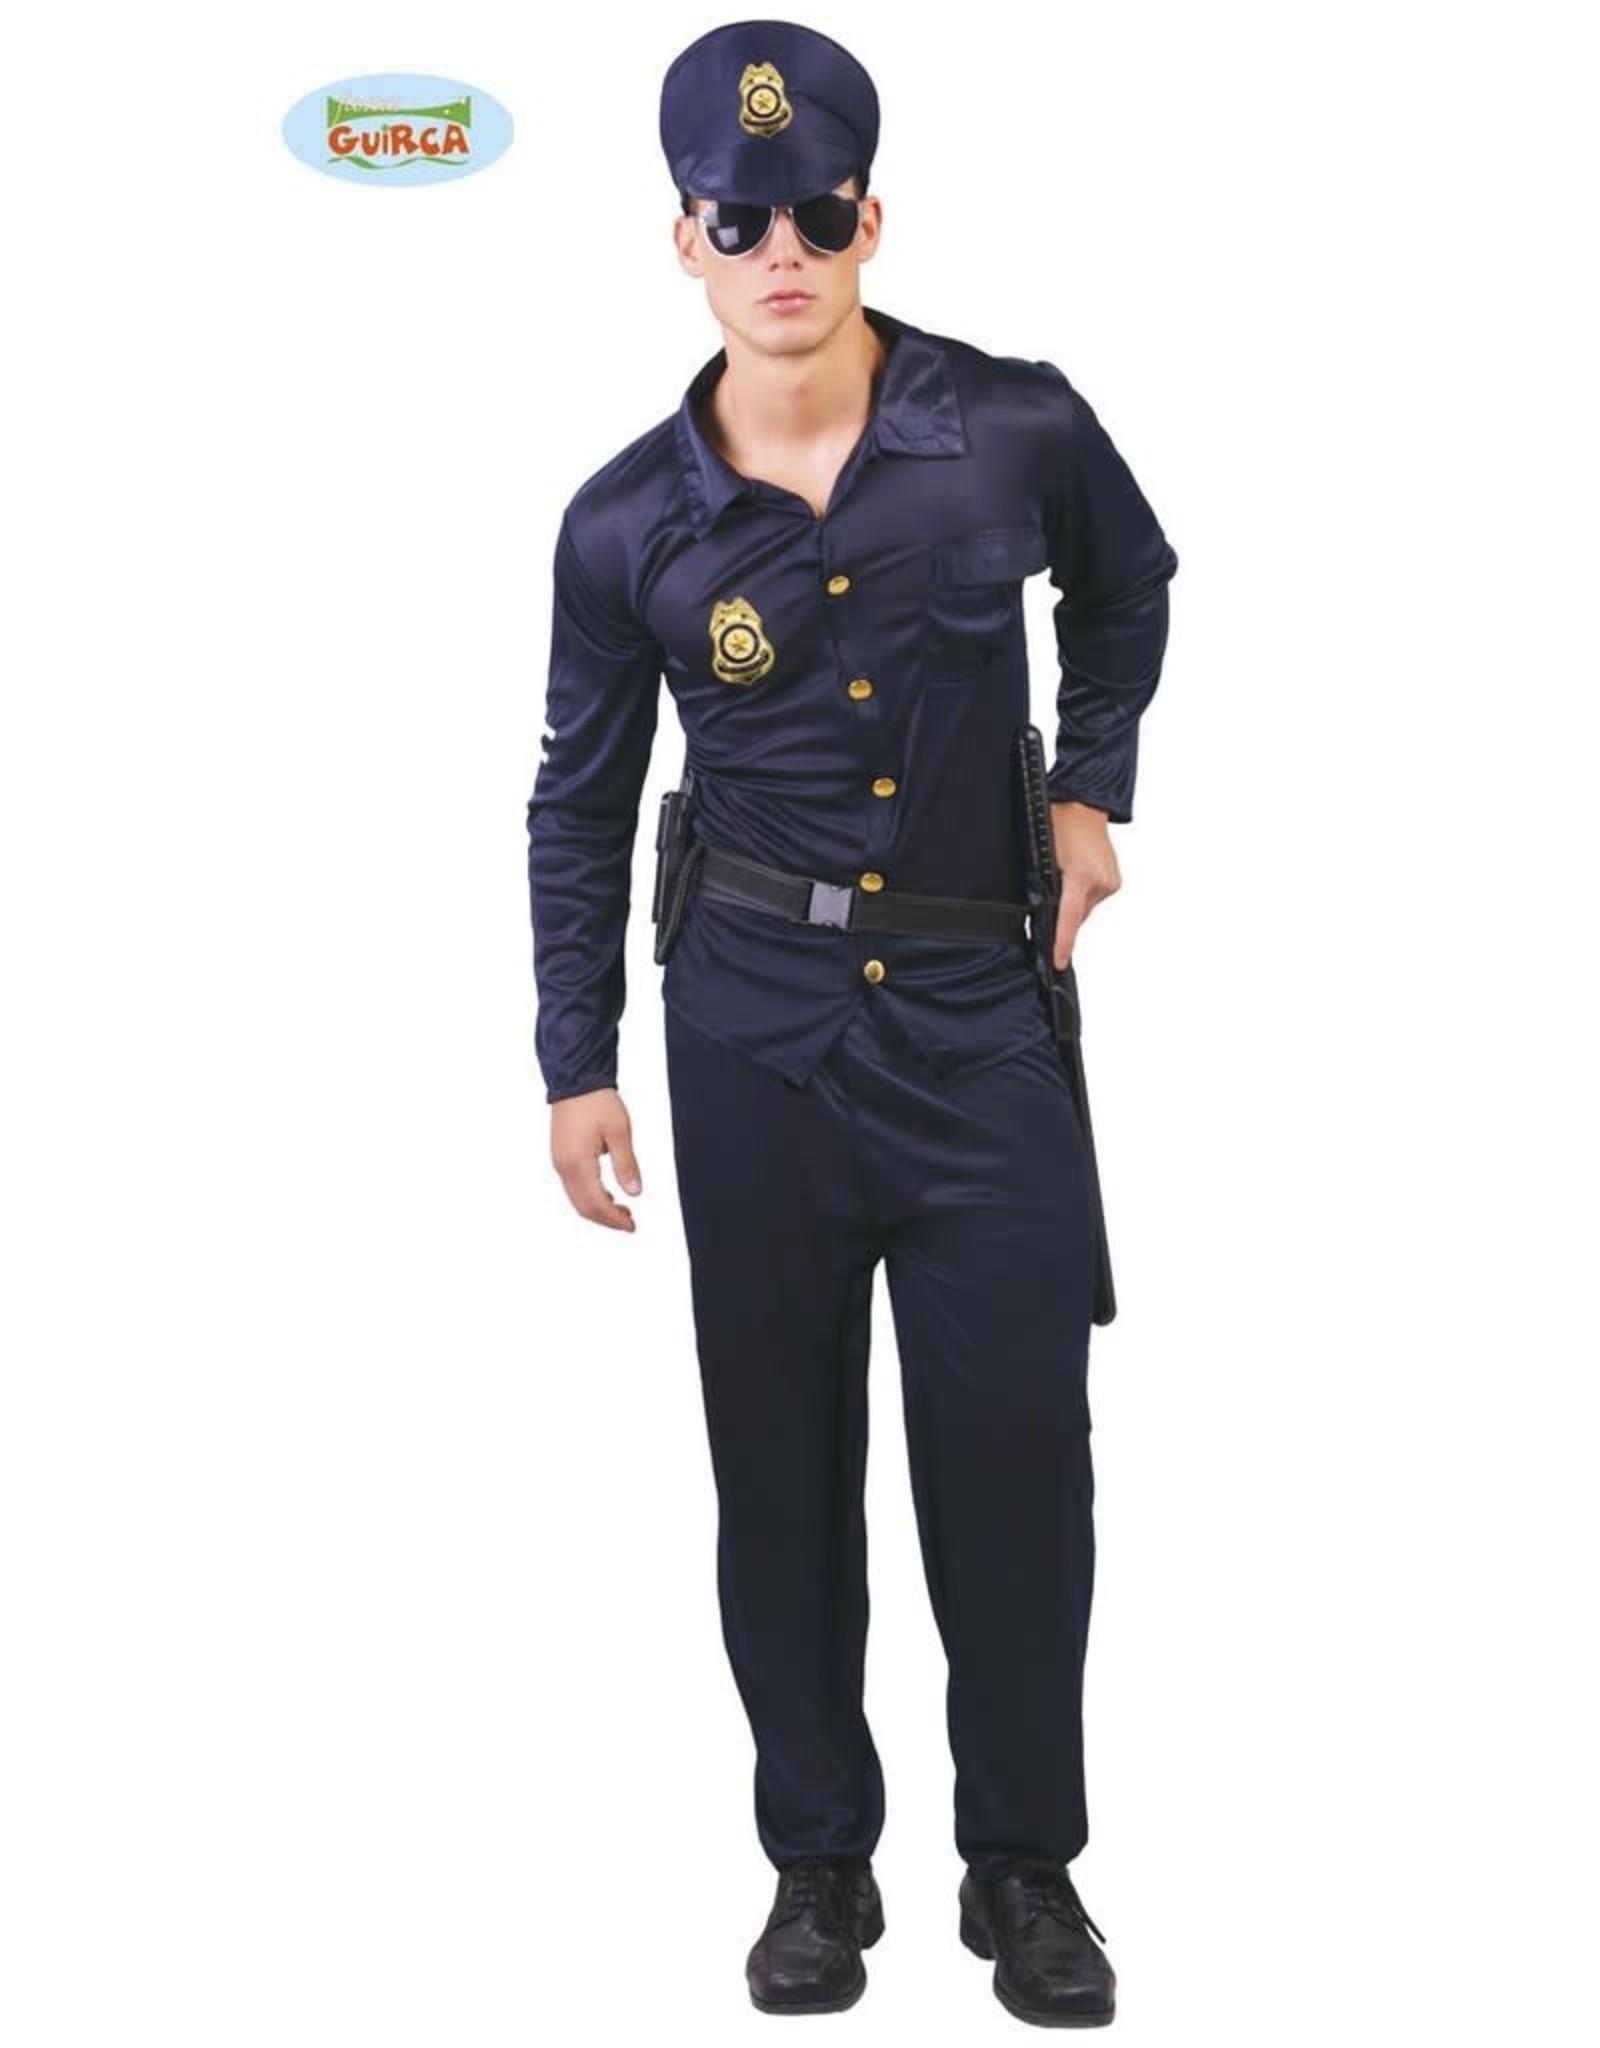 FIESTAS GUIRCA Politie XL 54/56